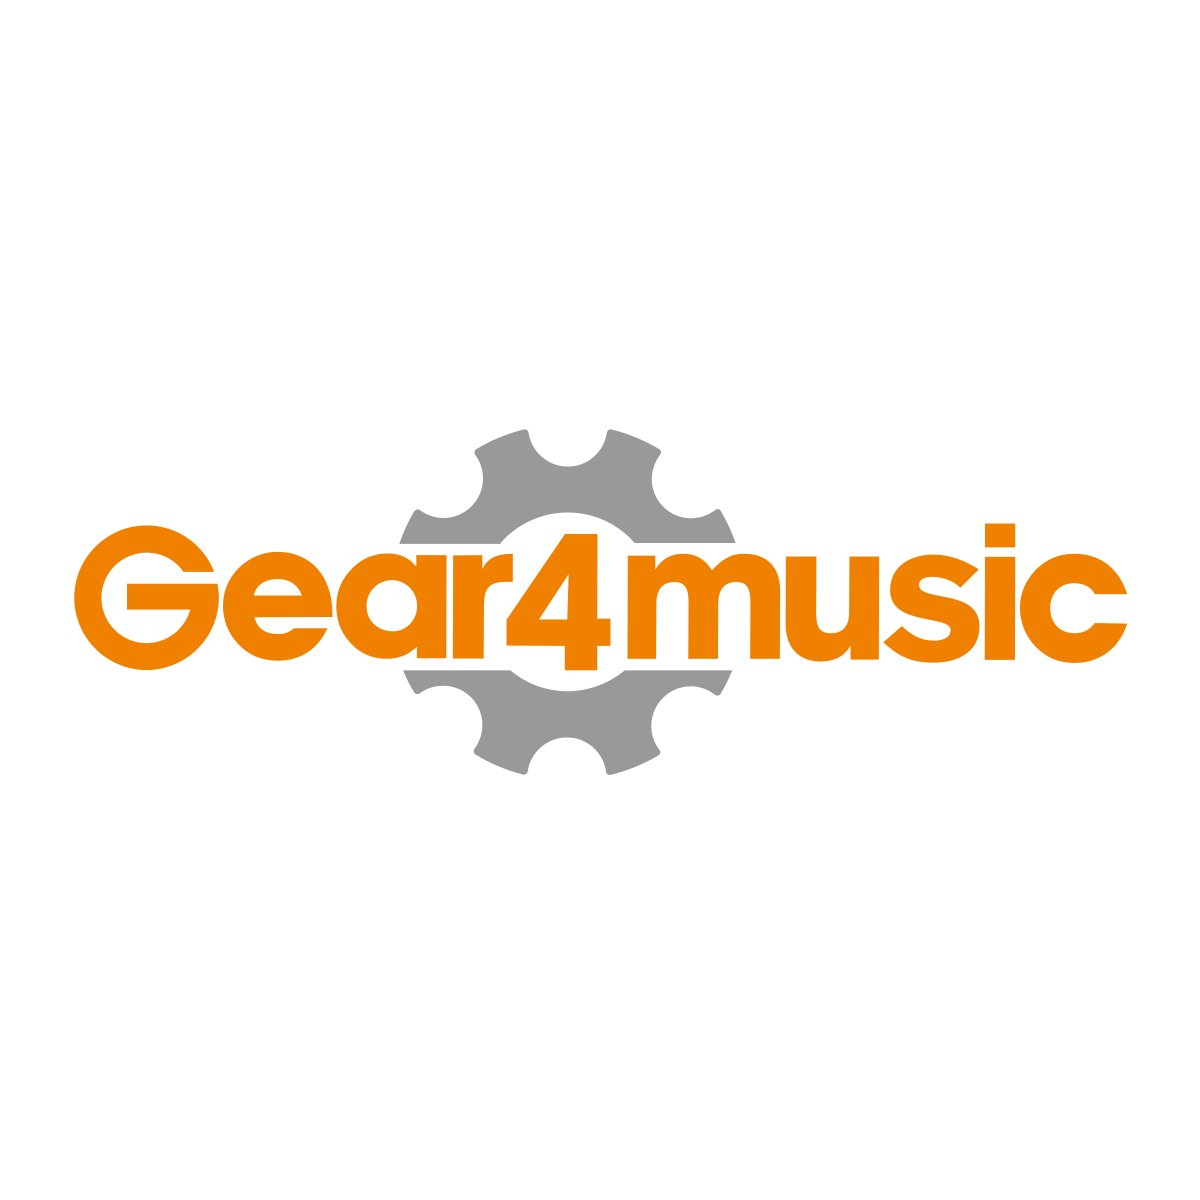 Deluxe Klassisk Semiakustisk Gitarr av Gear4music